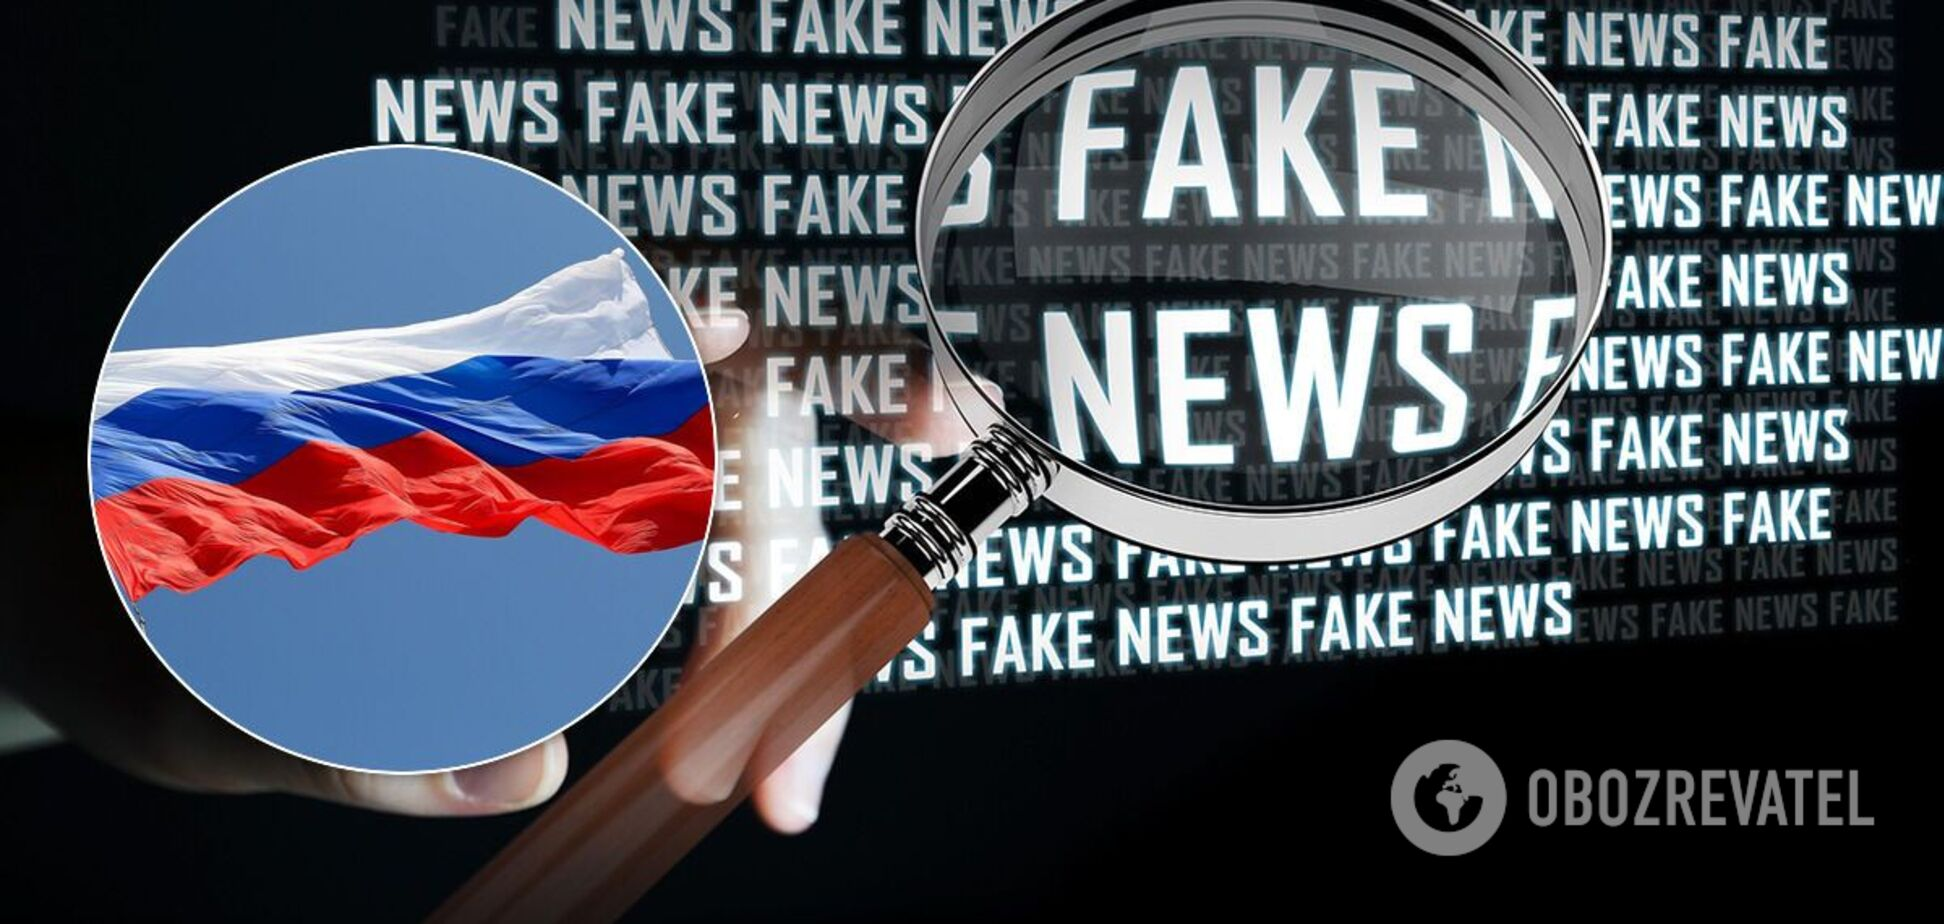 Как Россия вбрасывает фейки в украинское инфопространство